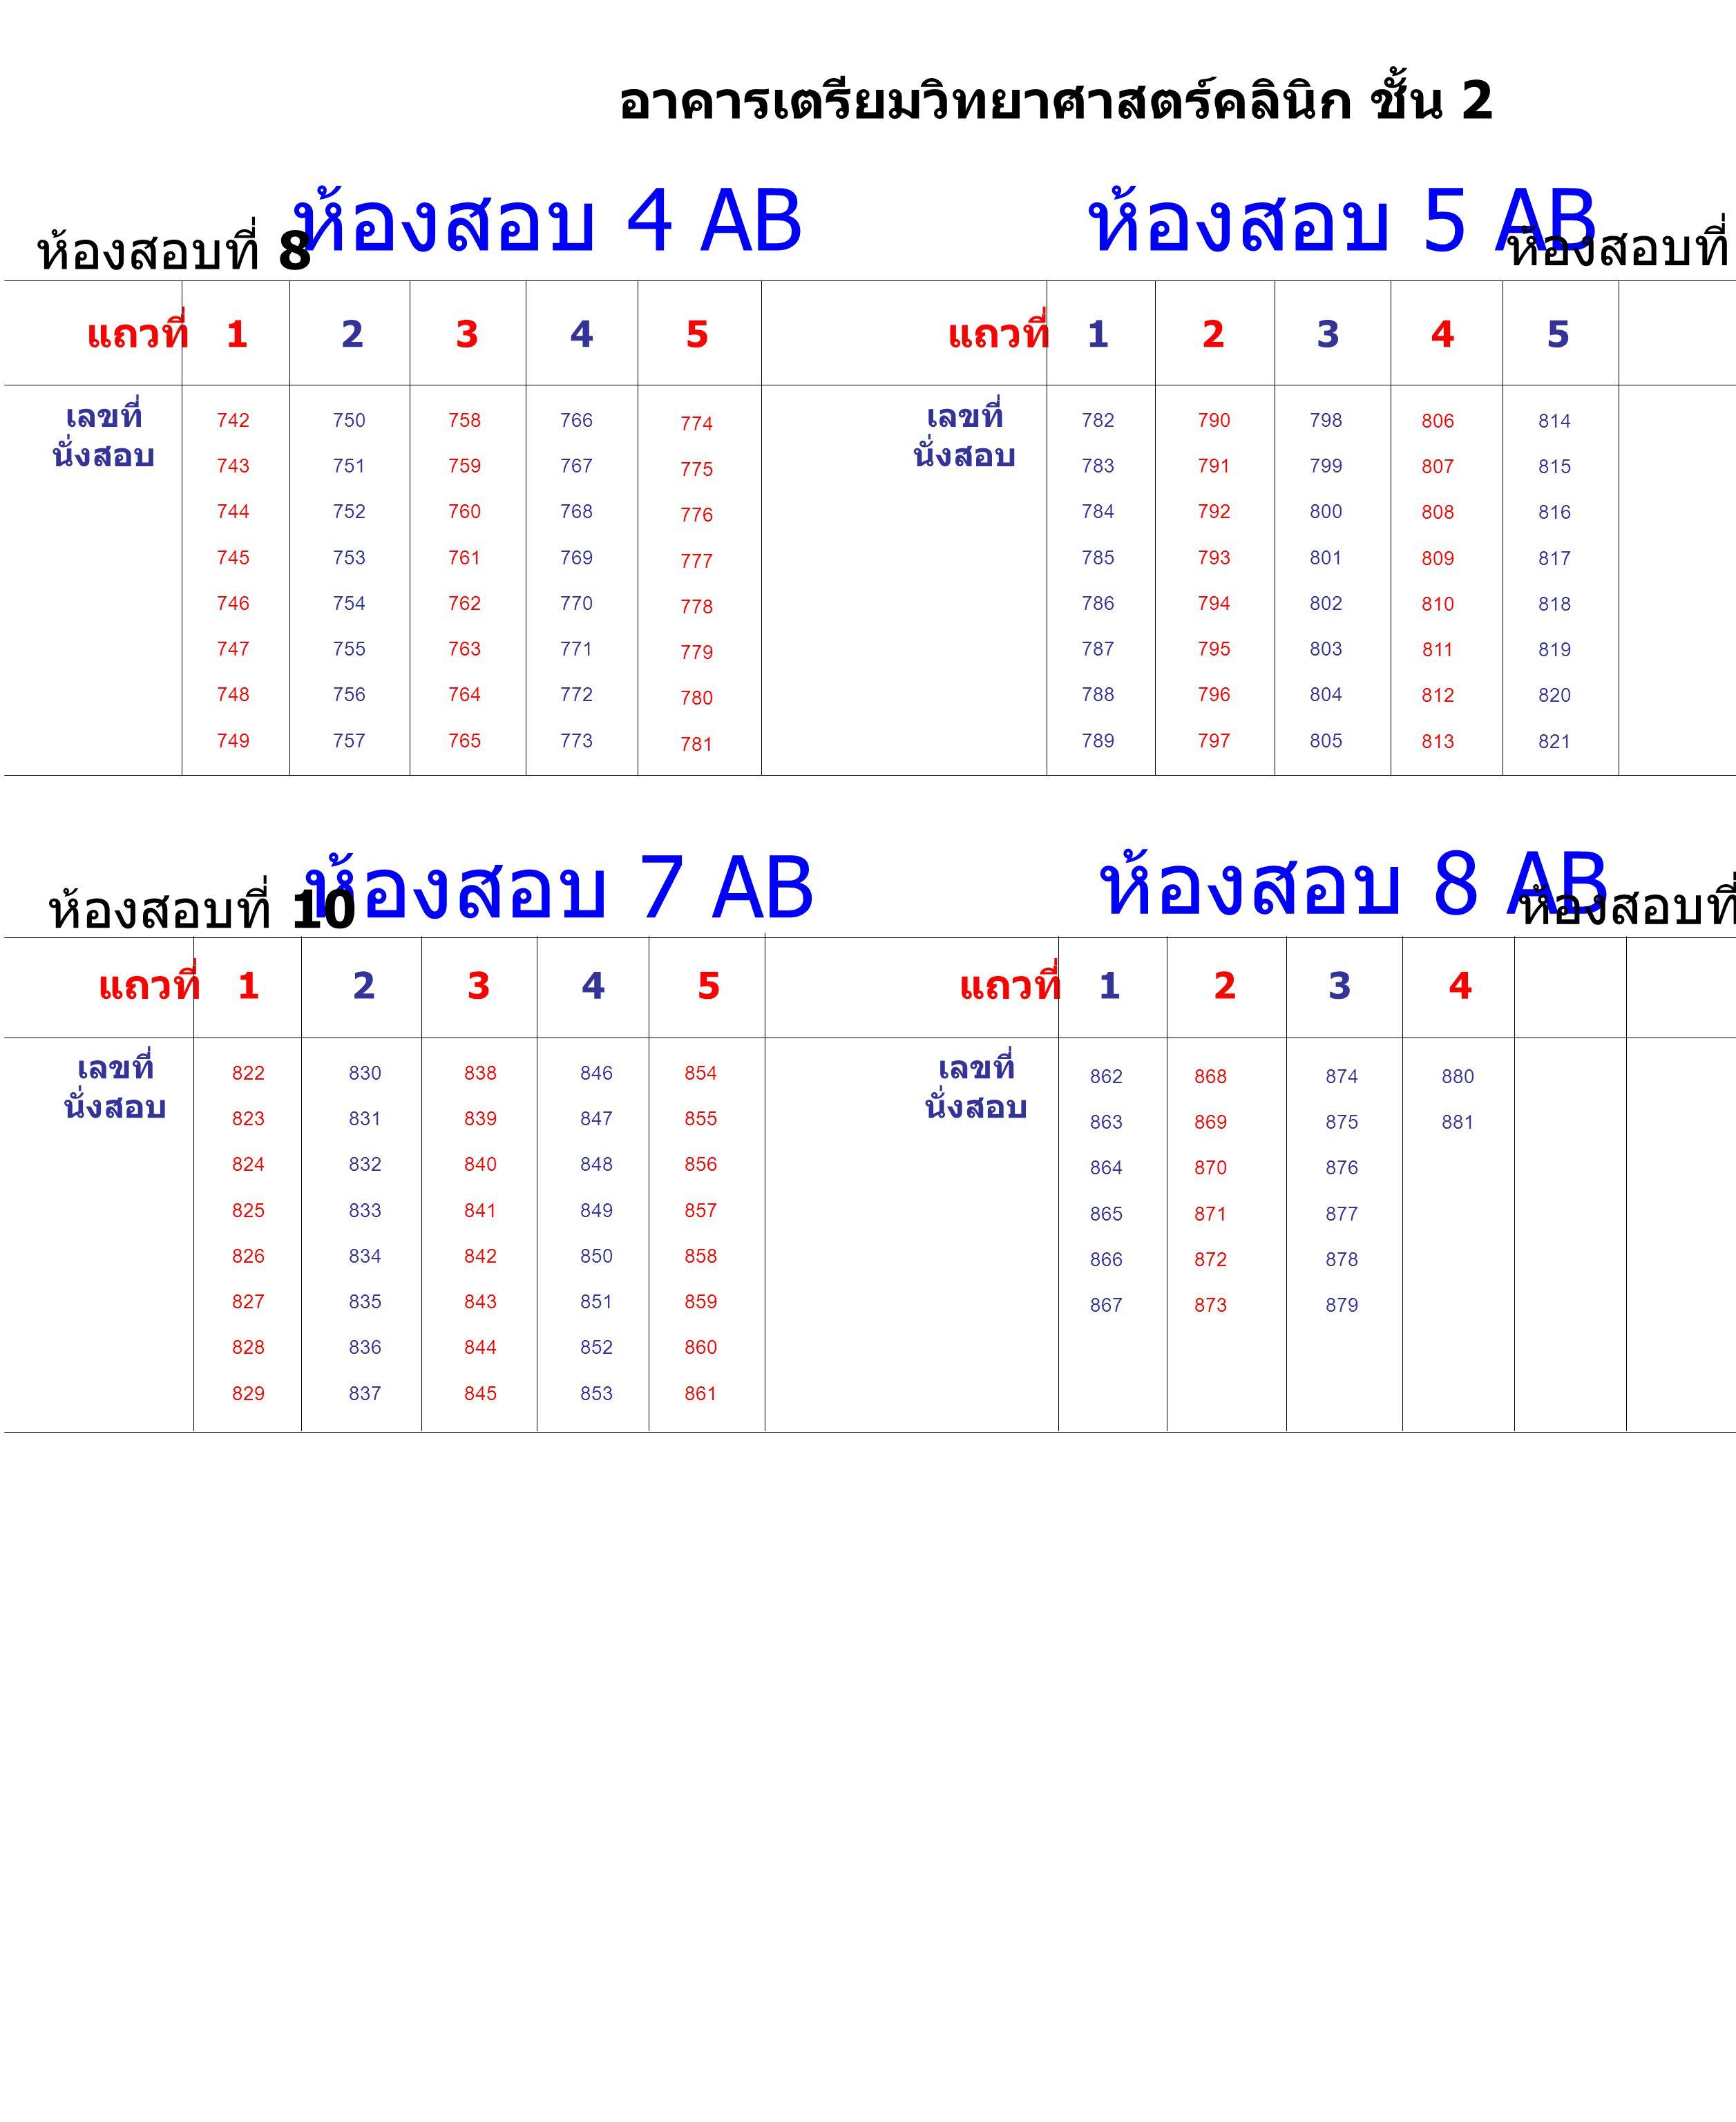 แถวที่ 1 2 3 4 5 ห้องสอบ 4 AB เลขที่ นั่งสอบ แถวที่ 1 2 3 4 5 ห้องสอบ 5 AB เลขที่ นั่งสอบ 742 743 744 745 746 747 748 749 750 751 752 753 754 755 756